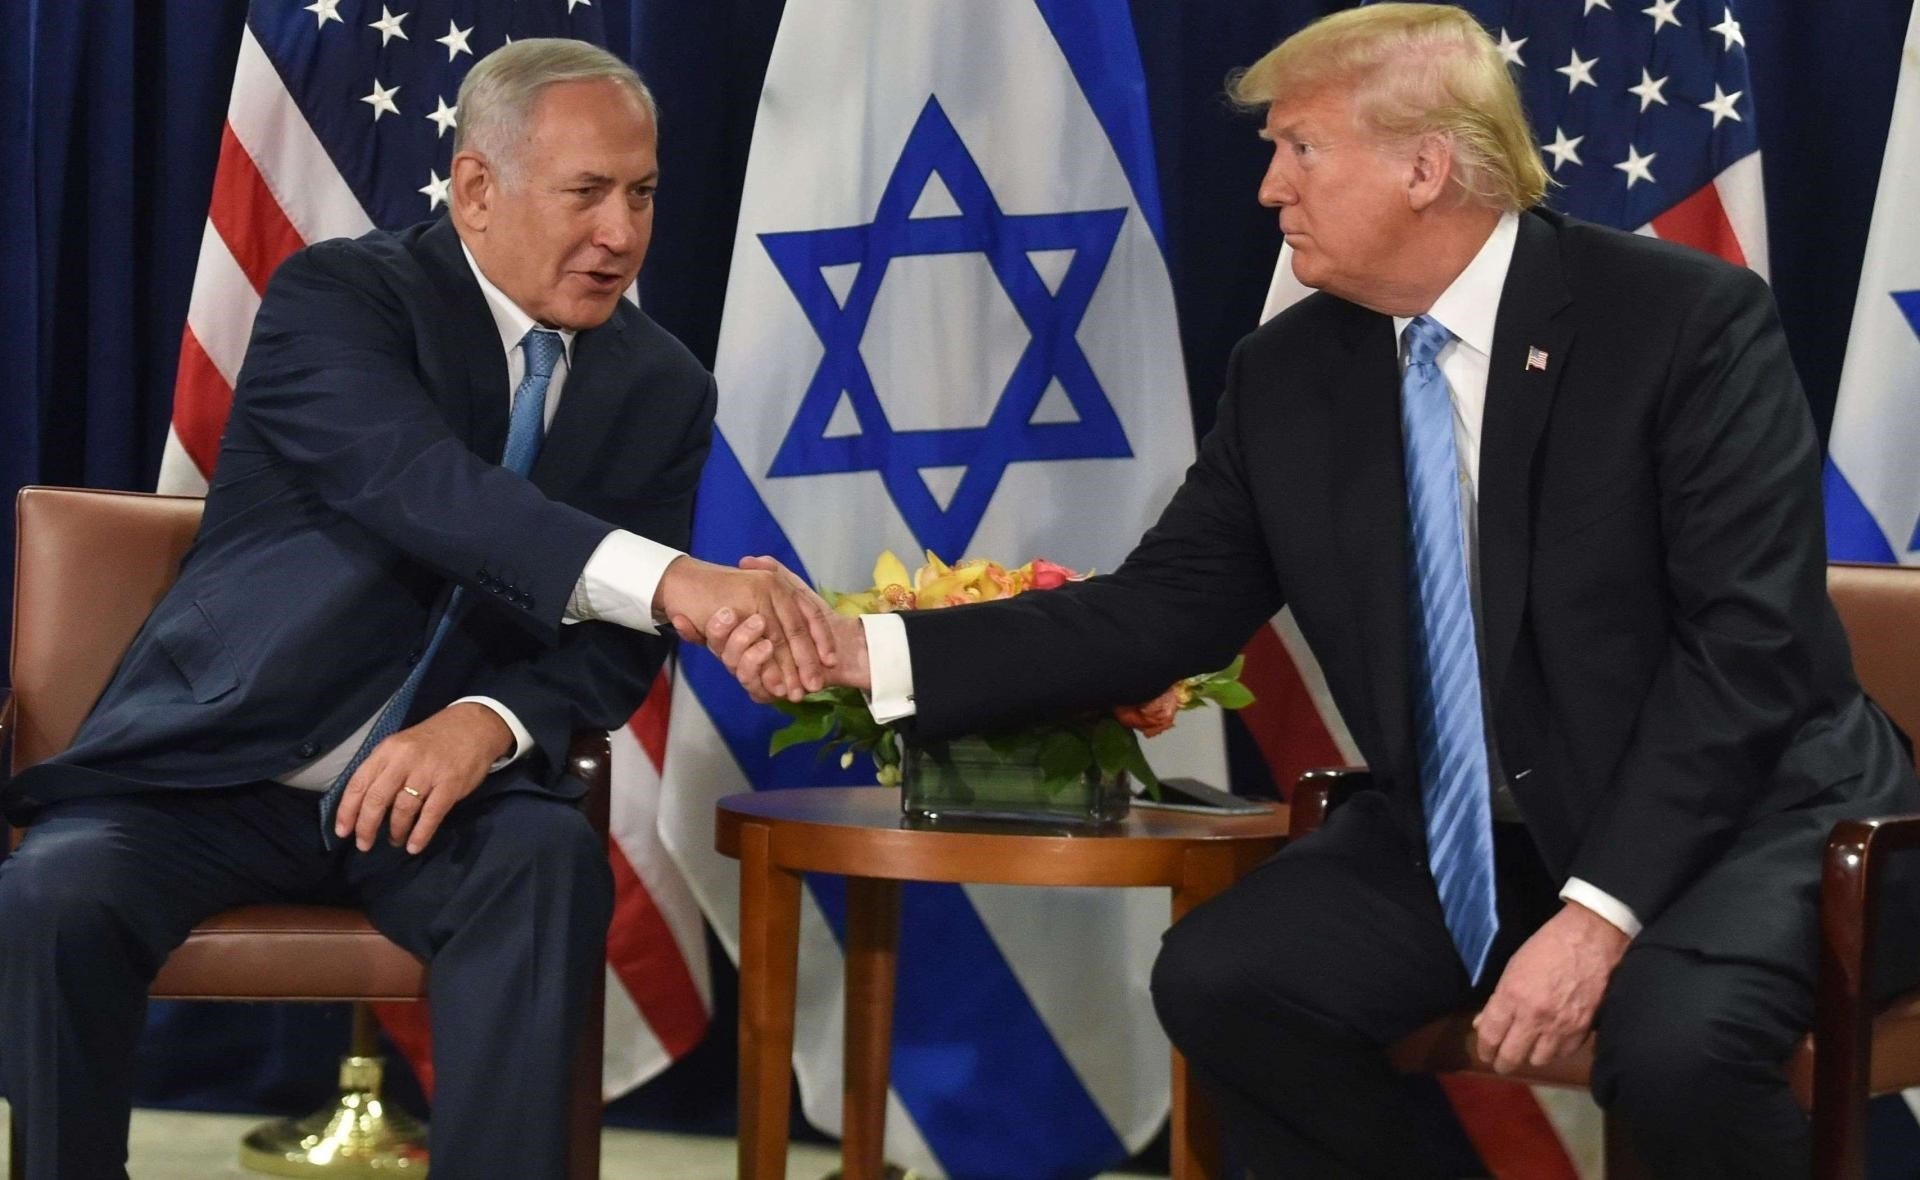 نتنياهو يطلب غطاءً أميركياً لضمّ أجزاء من الضفة وكامل غور الأردن